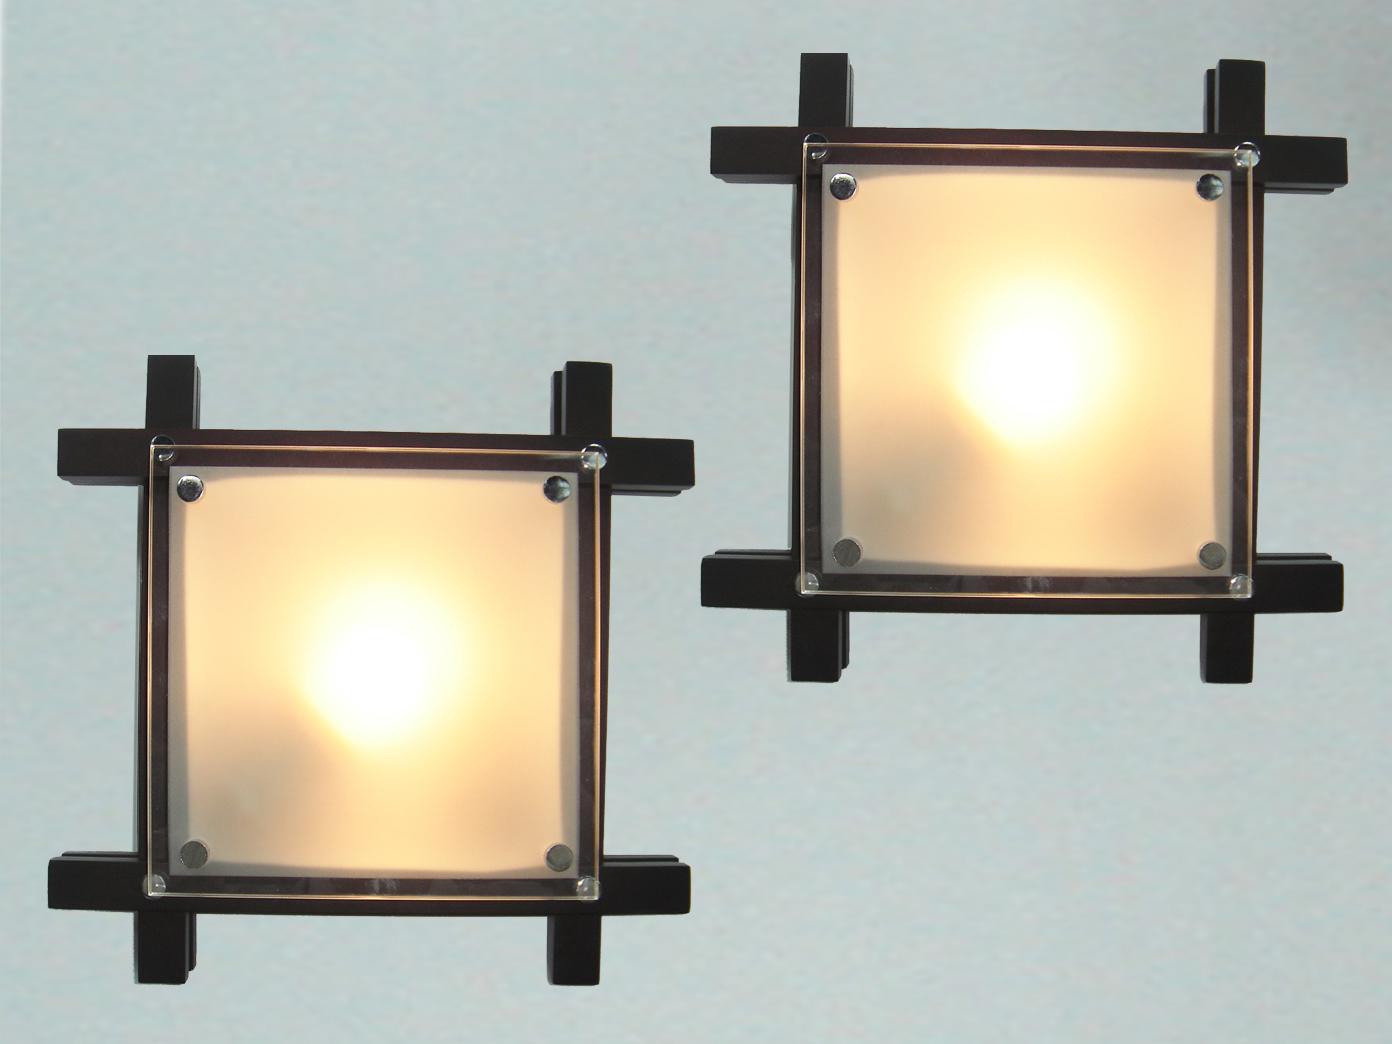 Full Size of Wohnzimmer Deckenlampe Deckenleuchten Modern Led Deckenlampen Ikea Dimmbar Deckenleuchte Mit Fernbedienung Holz 58265f2a67b95 Schrank Deko Tisch Hängeschrank Wohnzimmer Wohnzimmer Deckenlampe